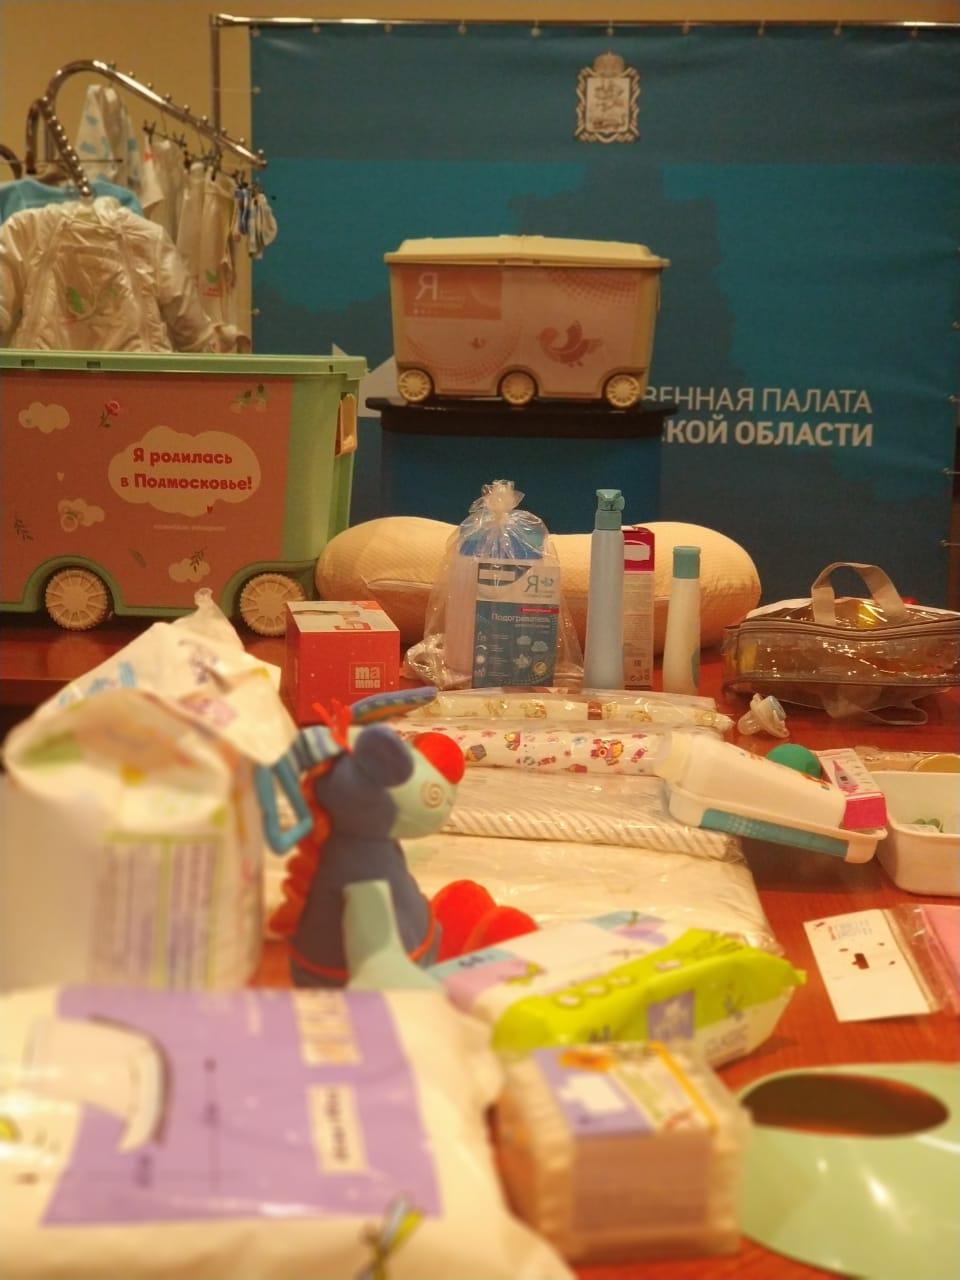 Набор для новорождённых «Я родился в Подмосковье!» презентовали на заседании круглого стола Общественной палаты Московской области